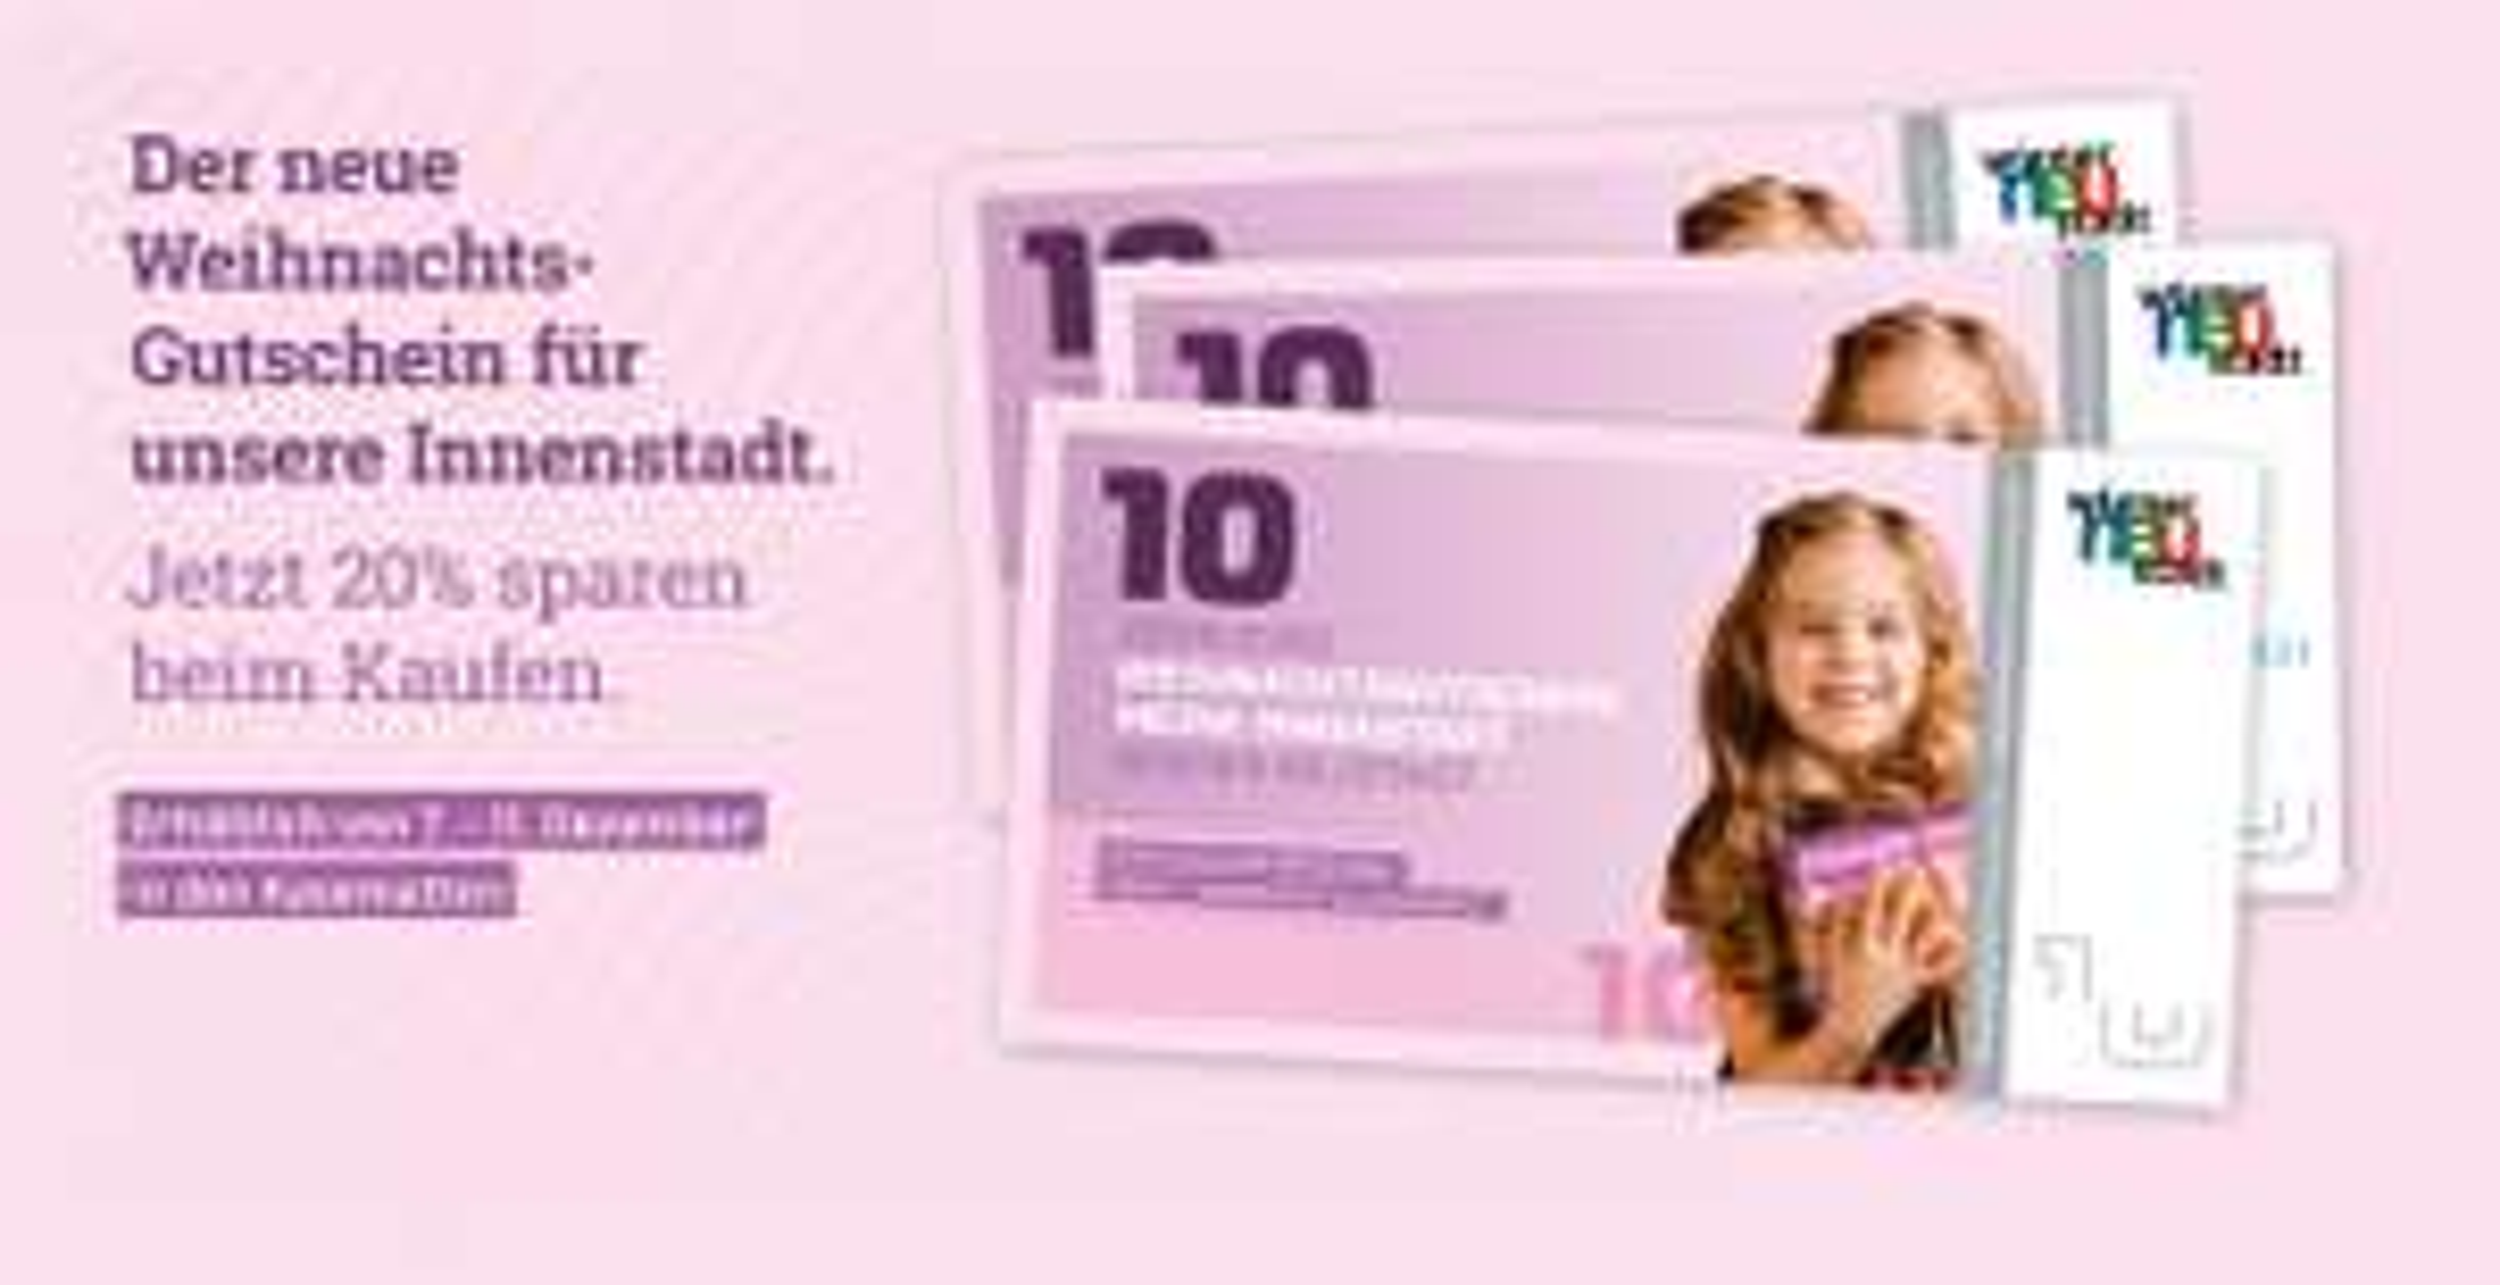 @Wr.Neustadt -20% auf Wertgutscheine bis zu max. 600€ für Geschäfte in der Innenstadt